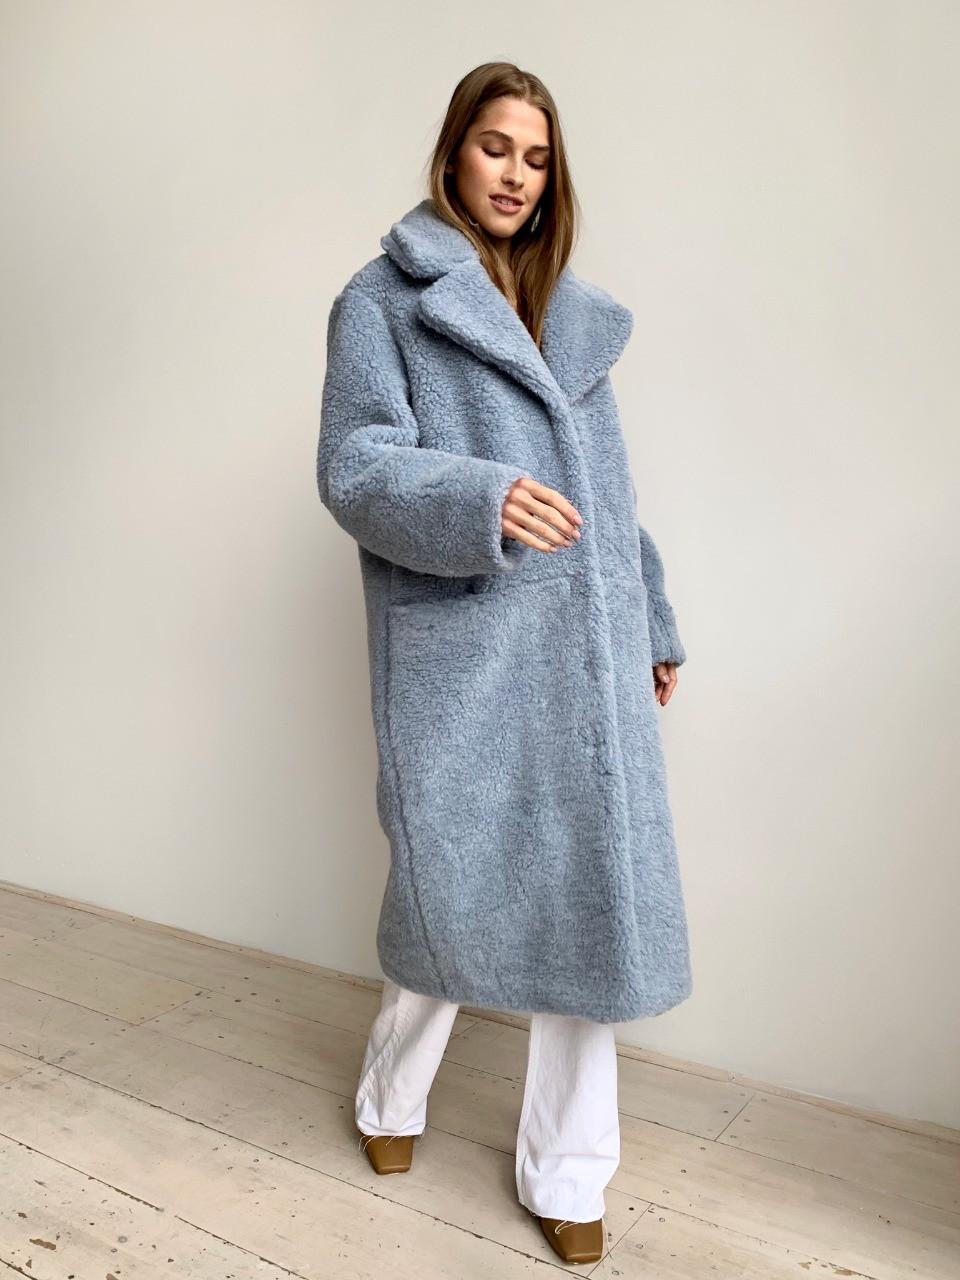 Шуба из натуральной стриженой овечьей шерсти длина 110 см, прорезные карманы, голубой цвет - фото 1